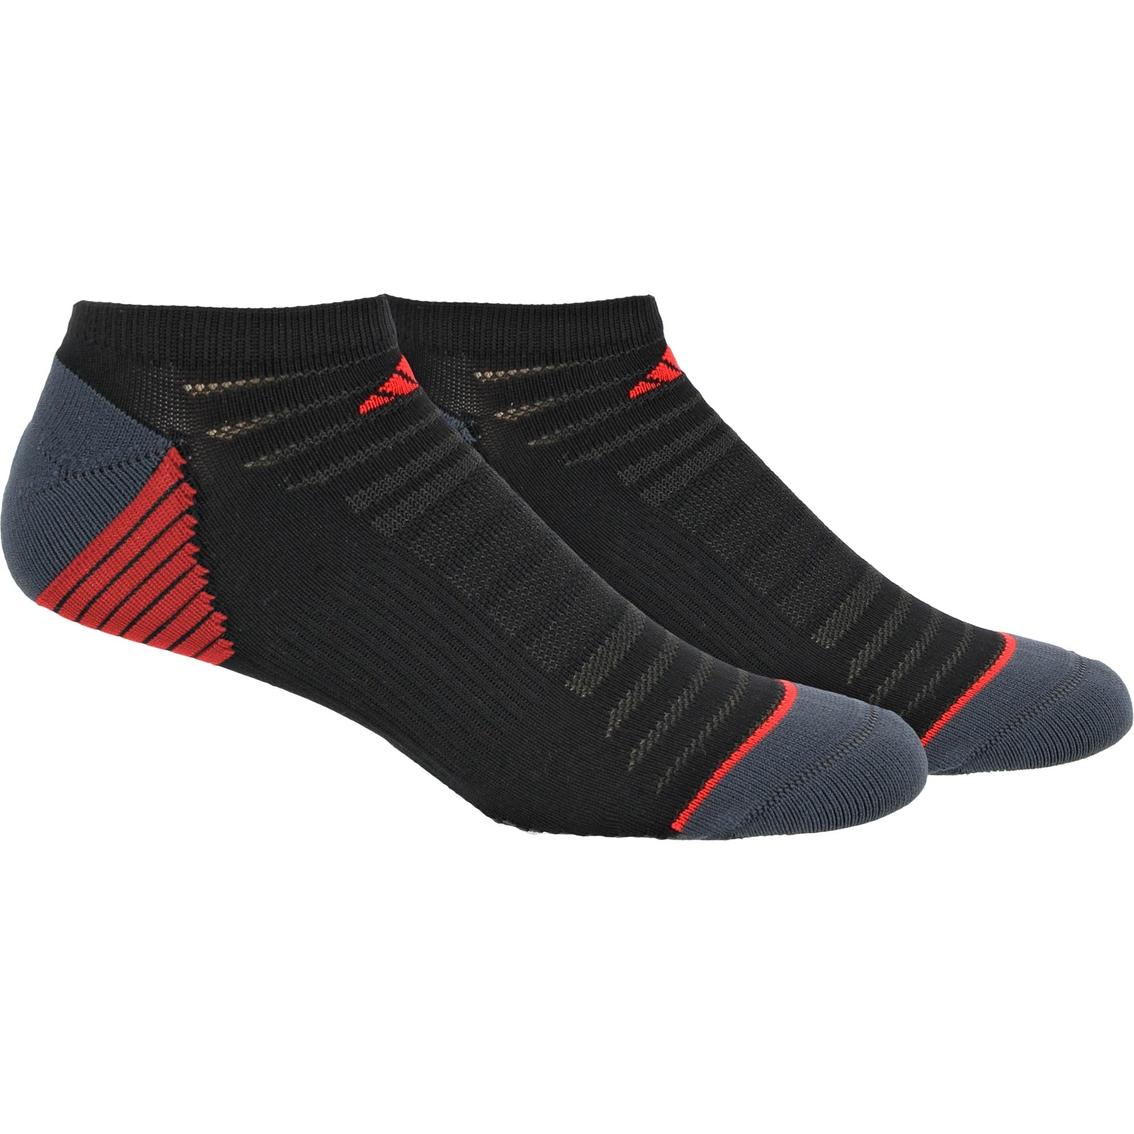 997912fc0046b Adidas Superlite Speed Mesh No Show Socks 2 Pk. | Socks | Apparel ...